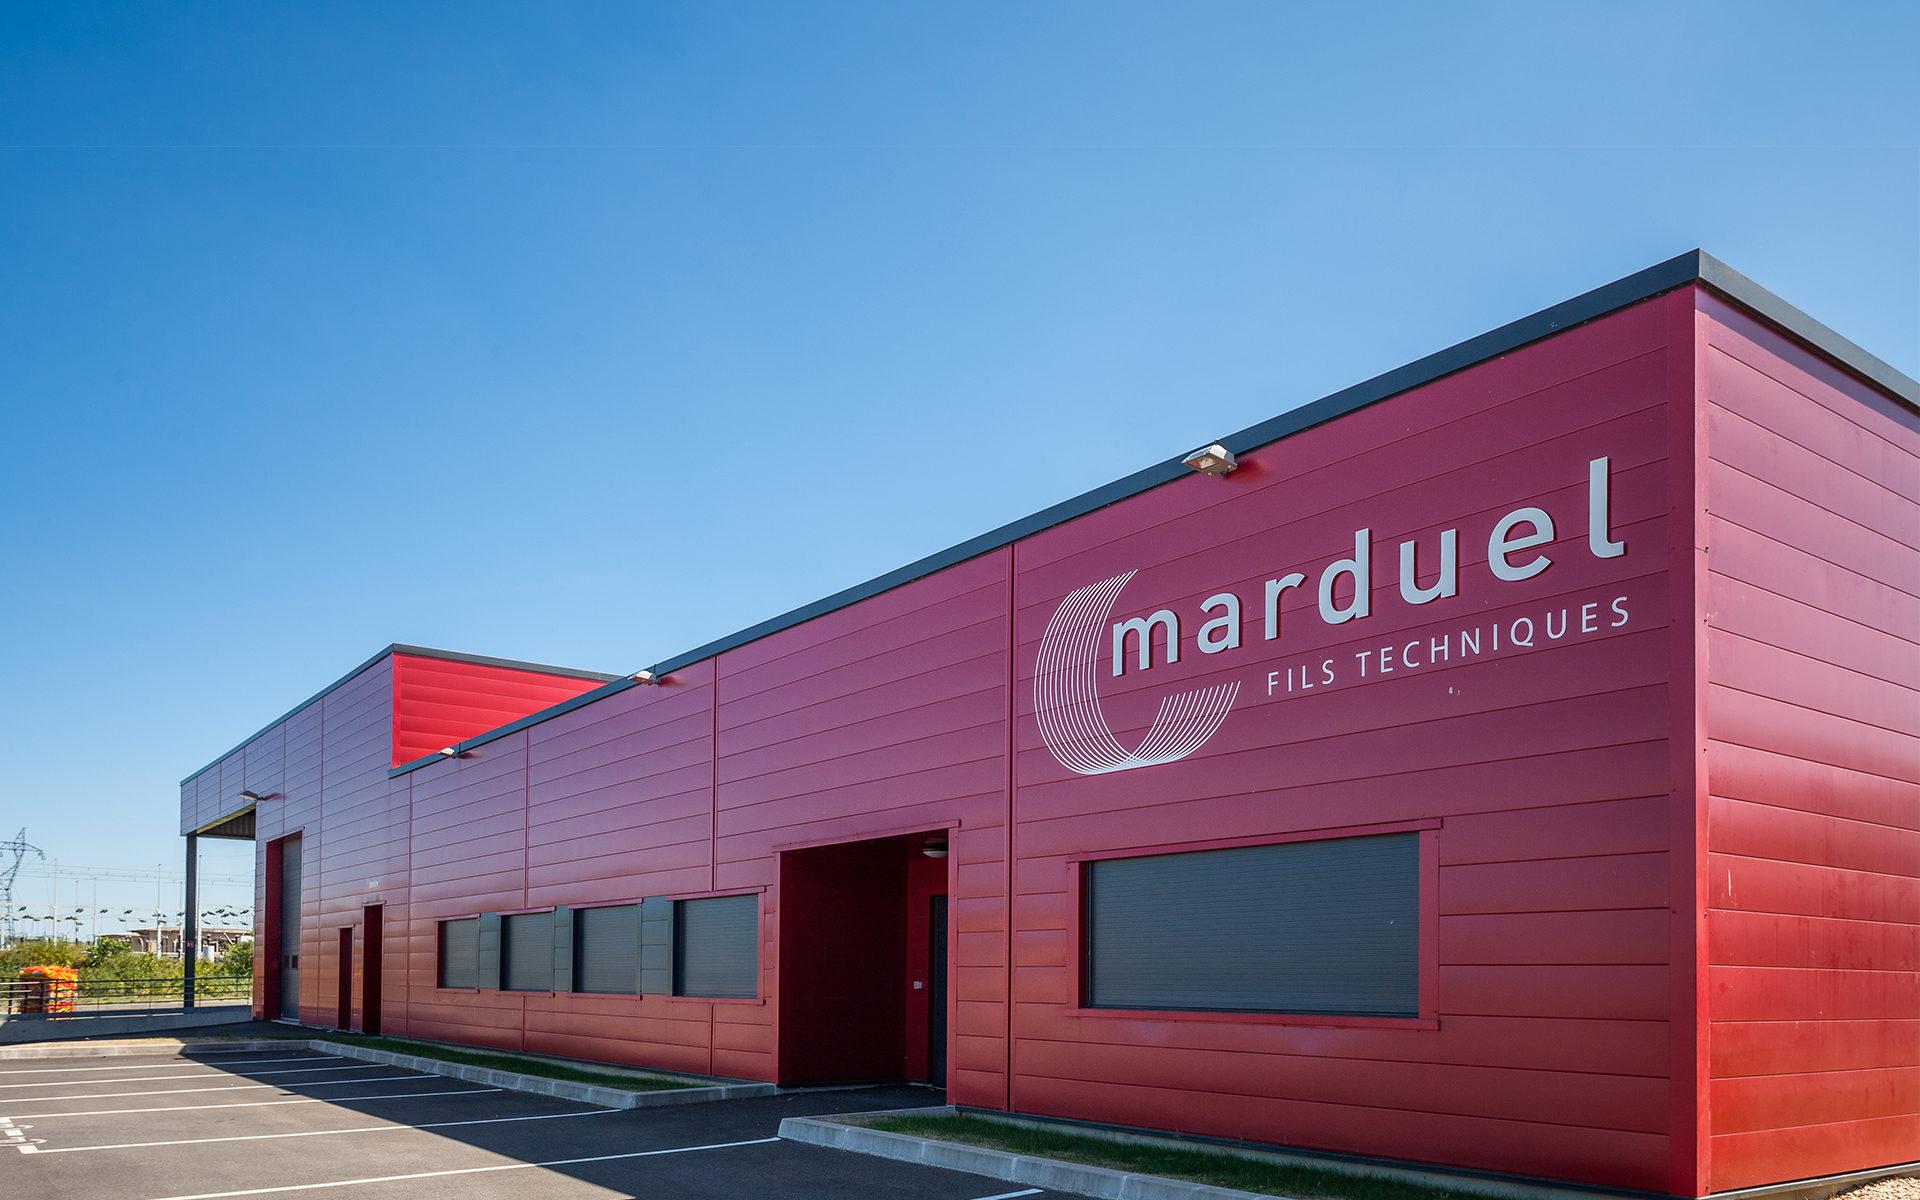 Marduel - Conception et Réalisation Bâtiment Industriel et Tertiaire